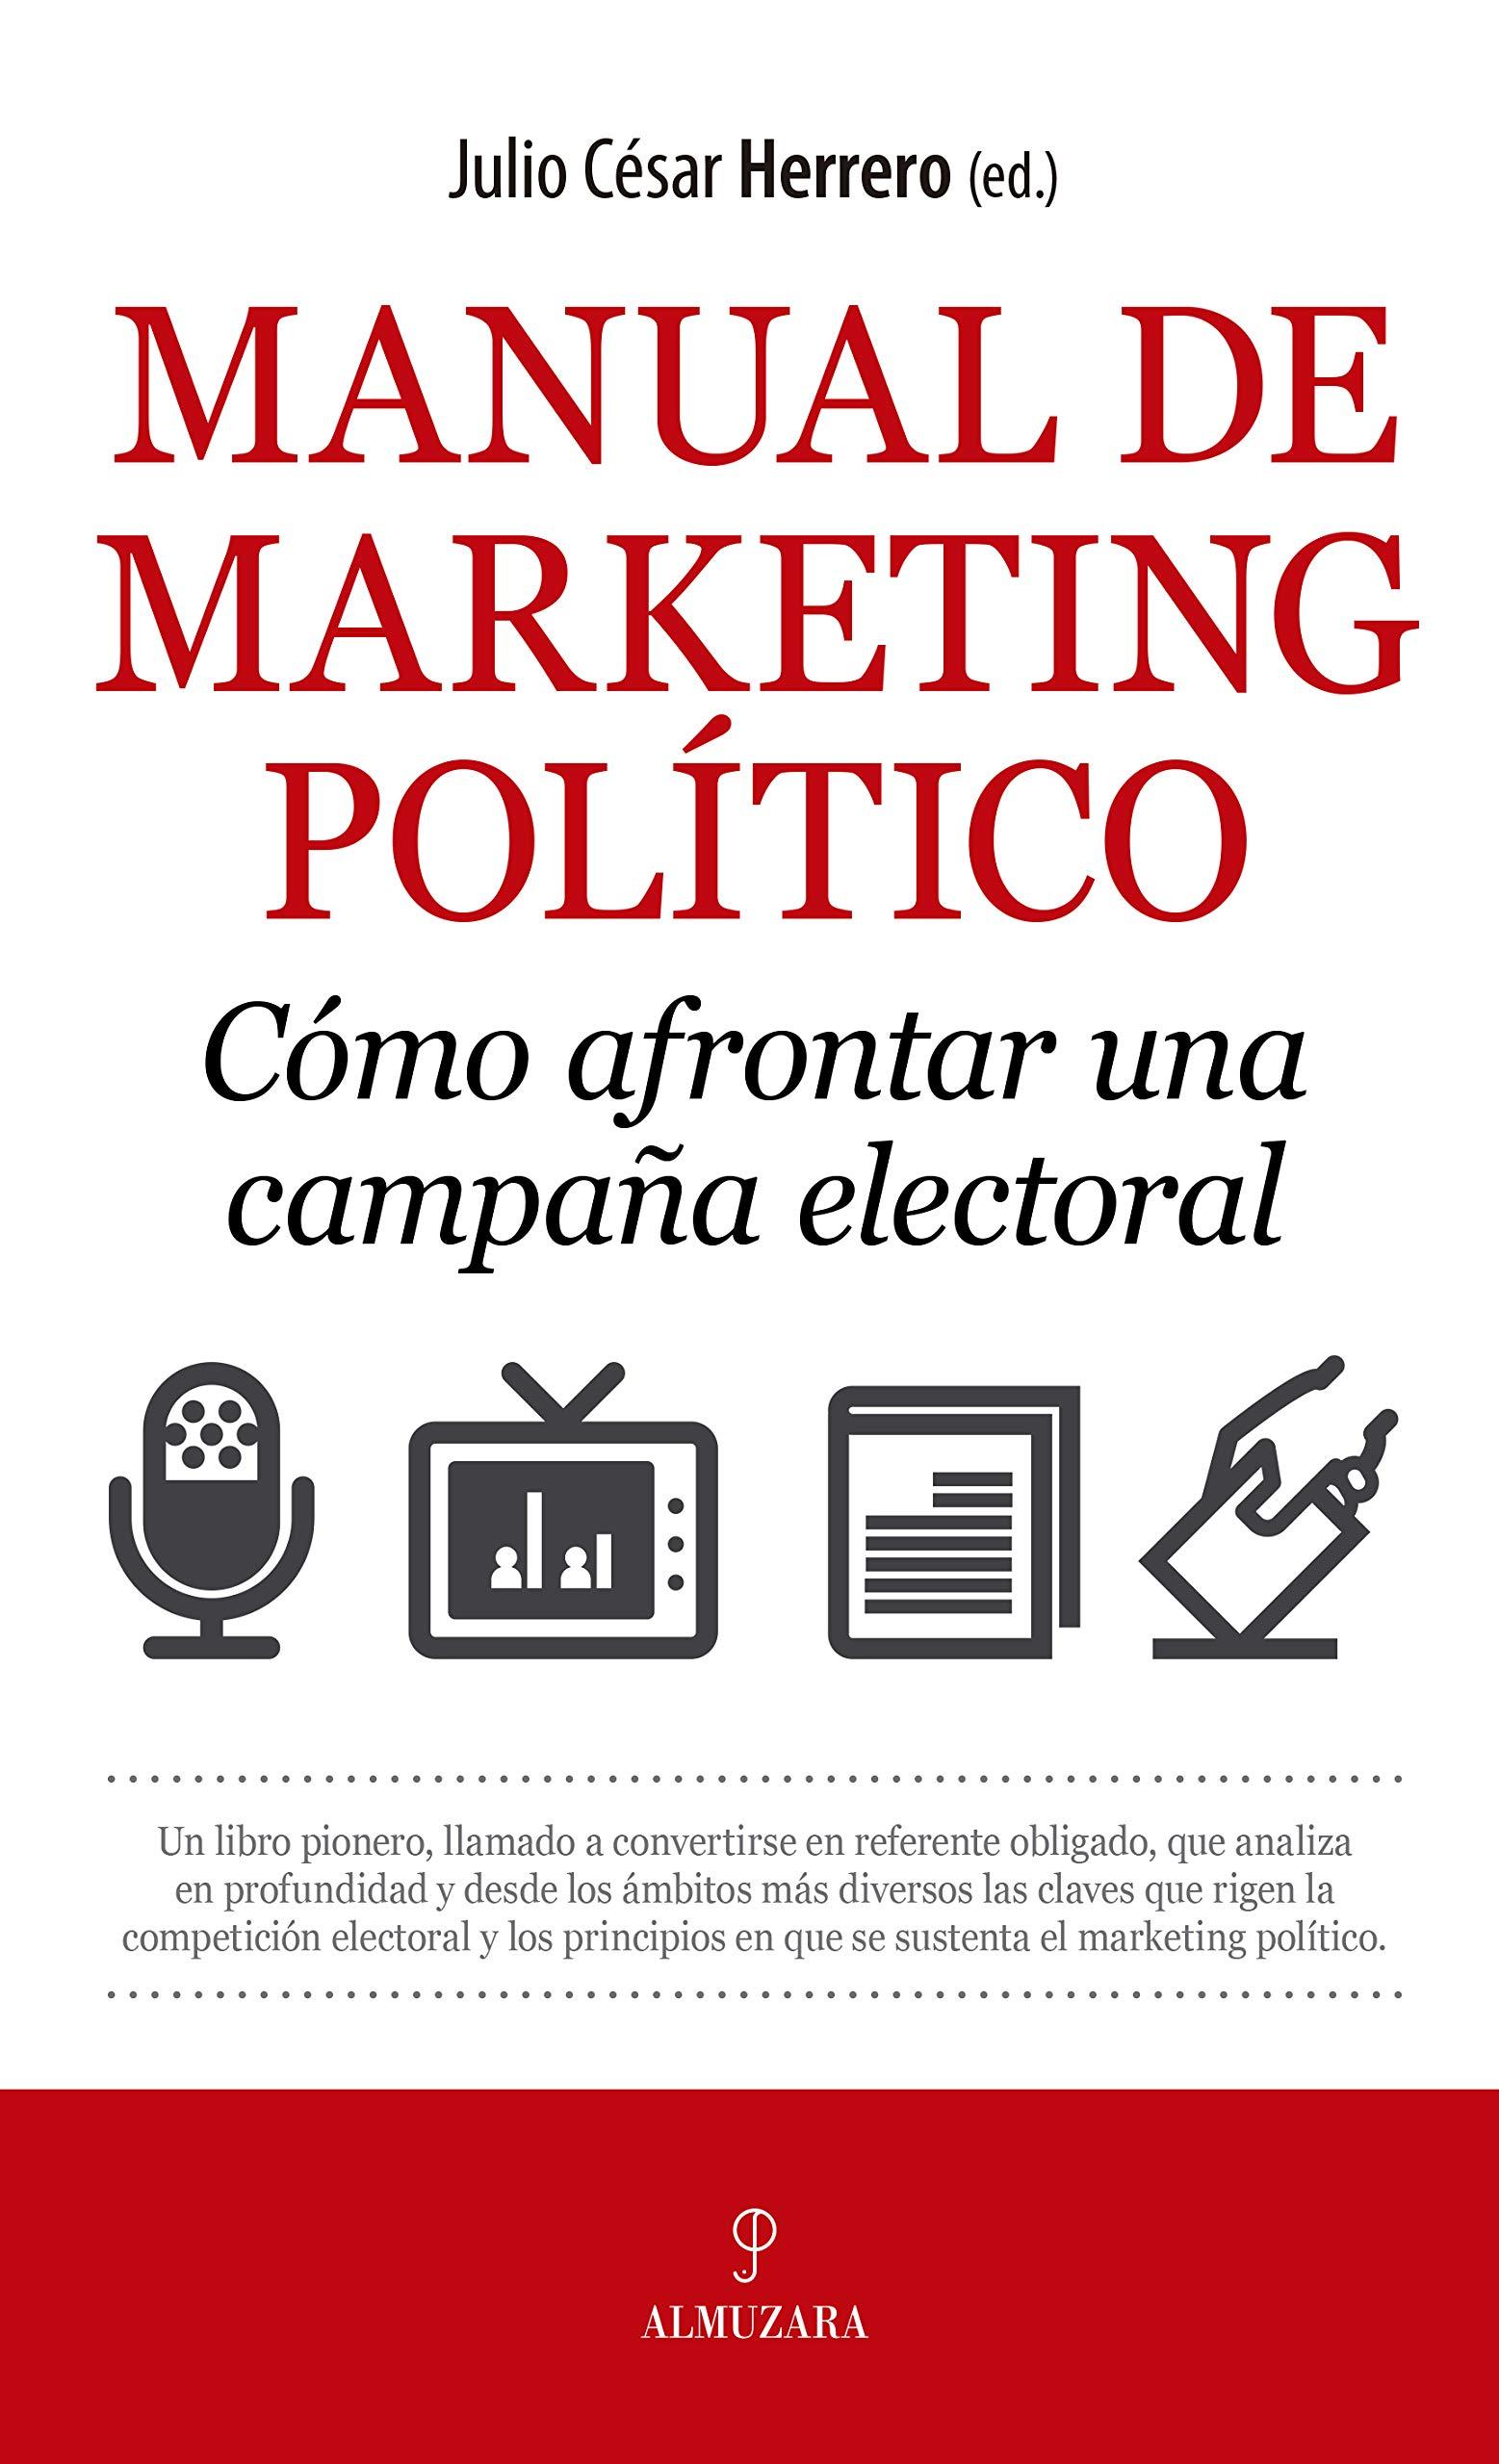 Manual de Marketing Político. Cómo Afrontar una campaña electoral ...